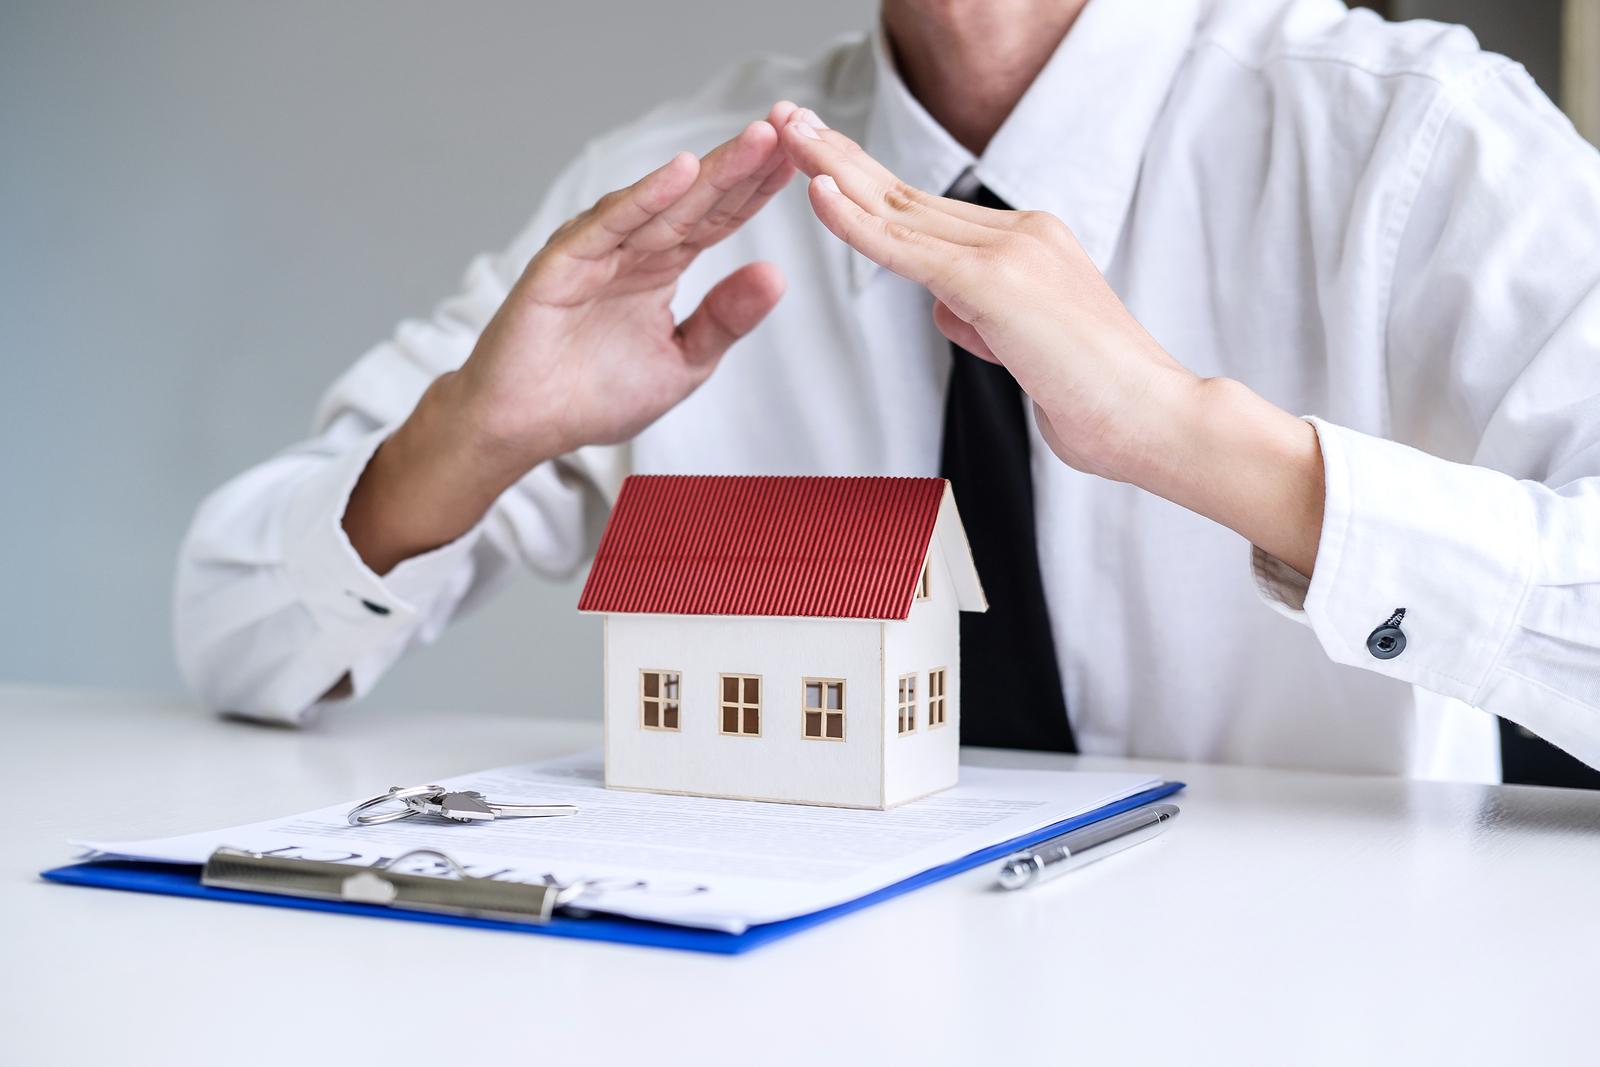 Hausratversicherung - Haftung des Versicherungsmaklers bei Untersicherung